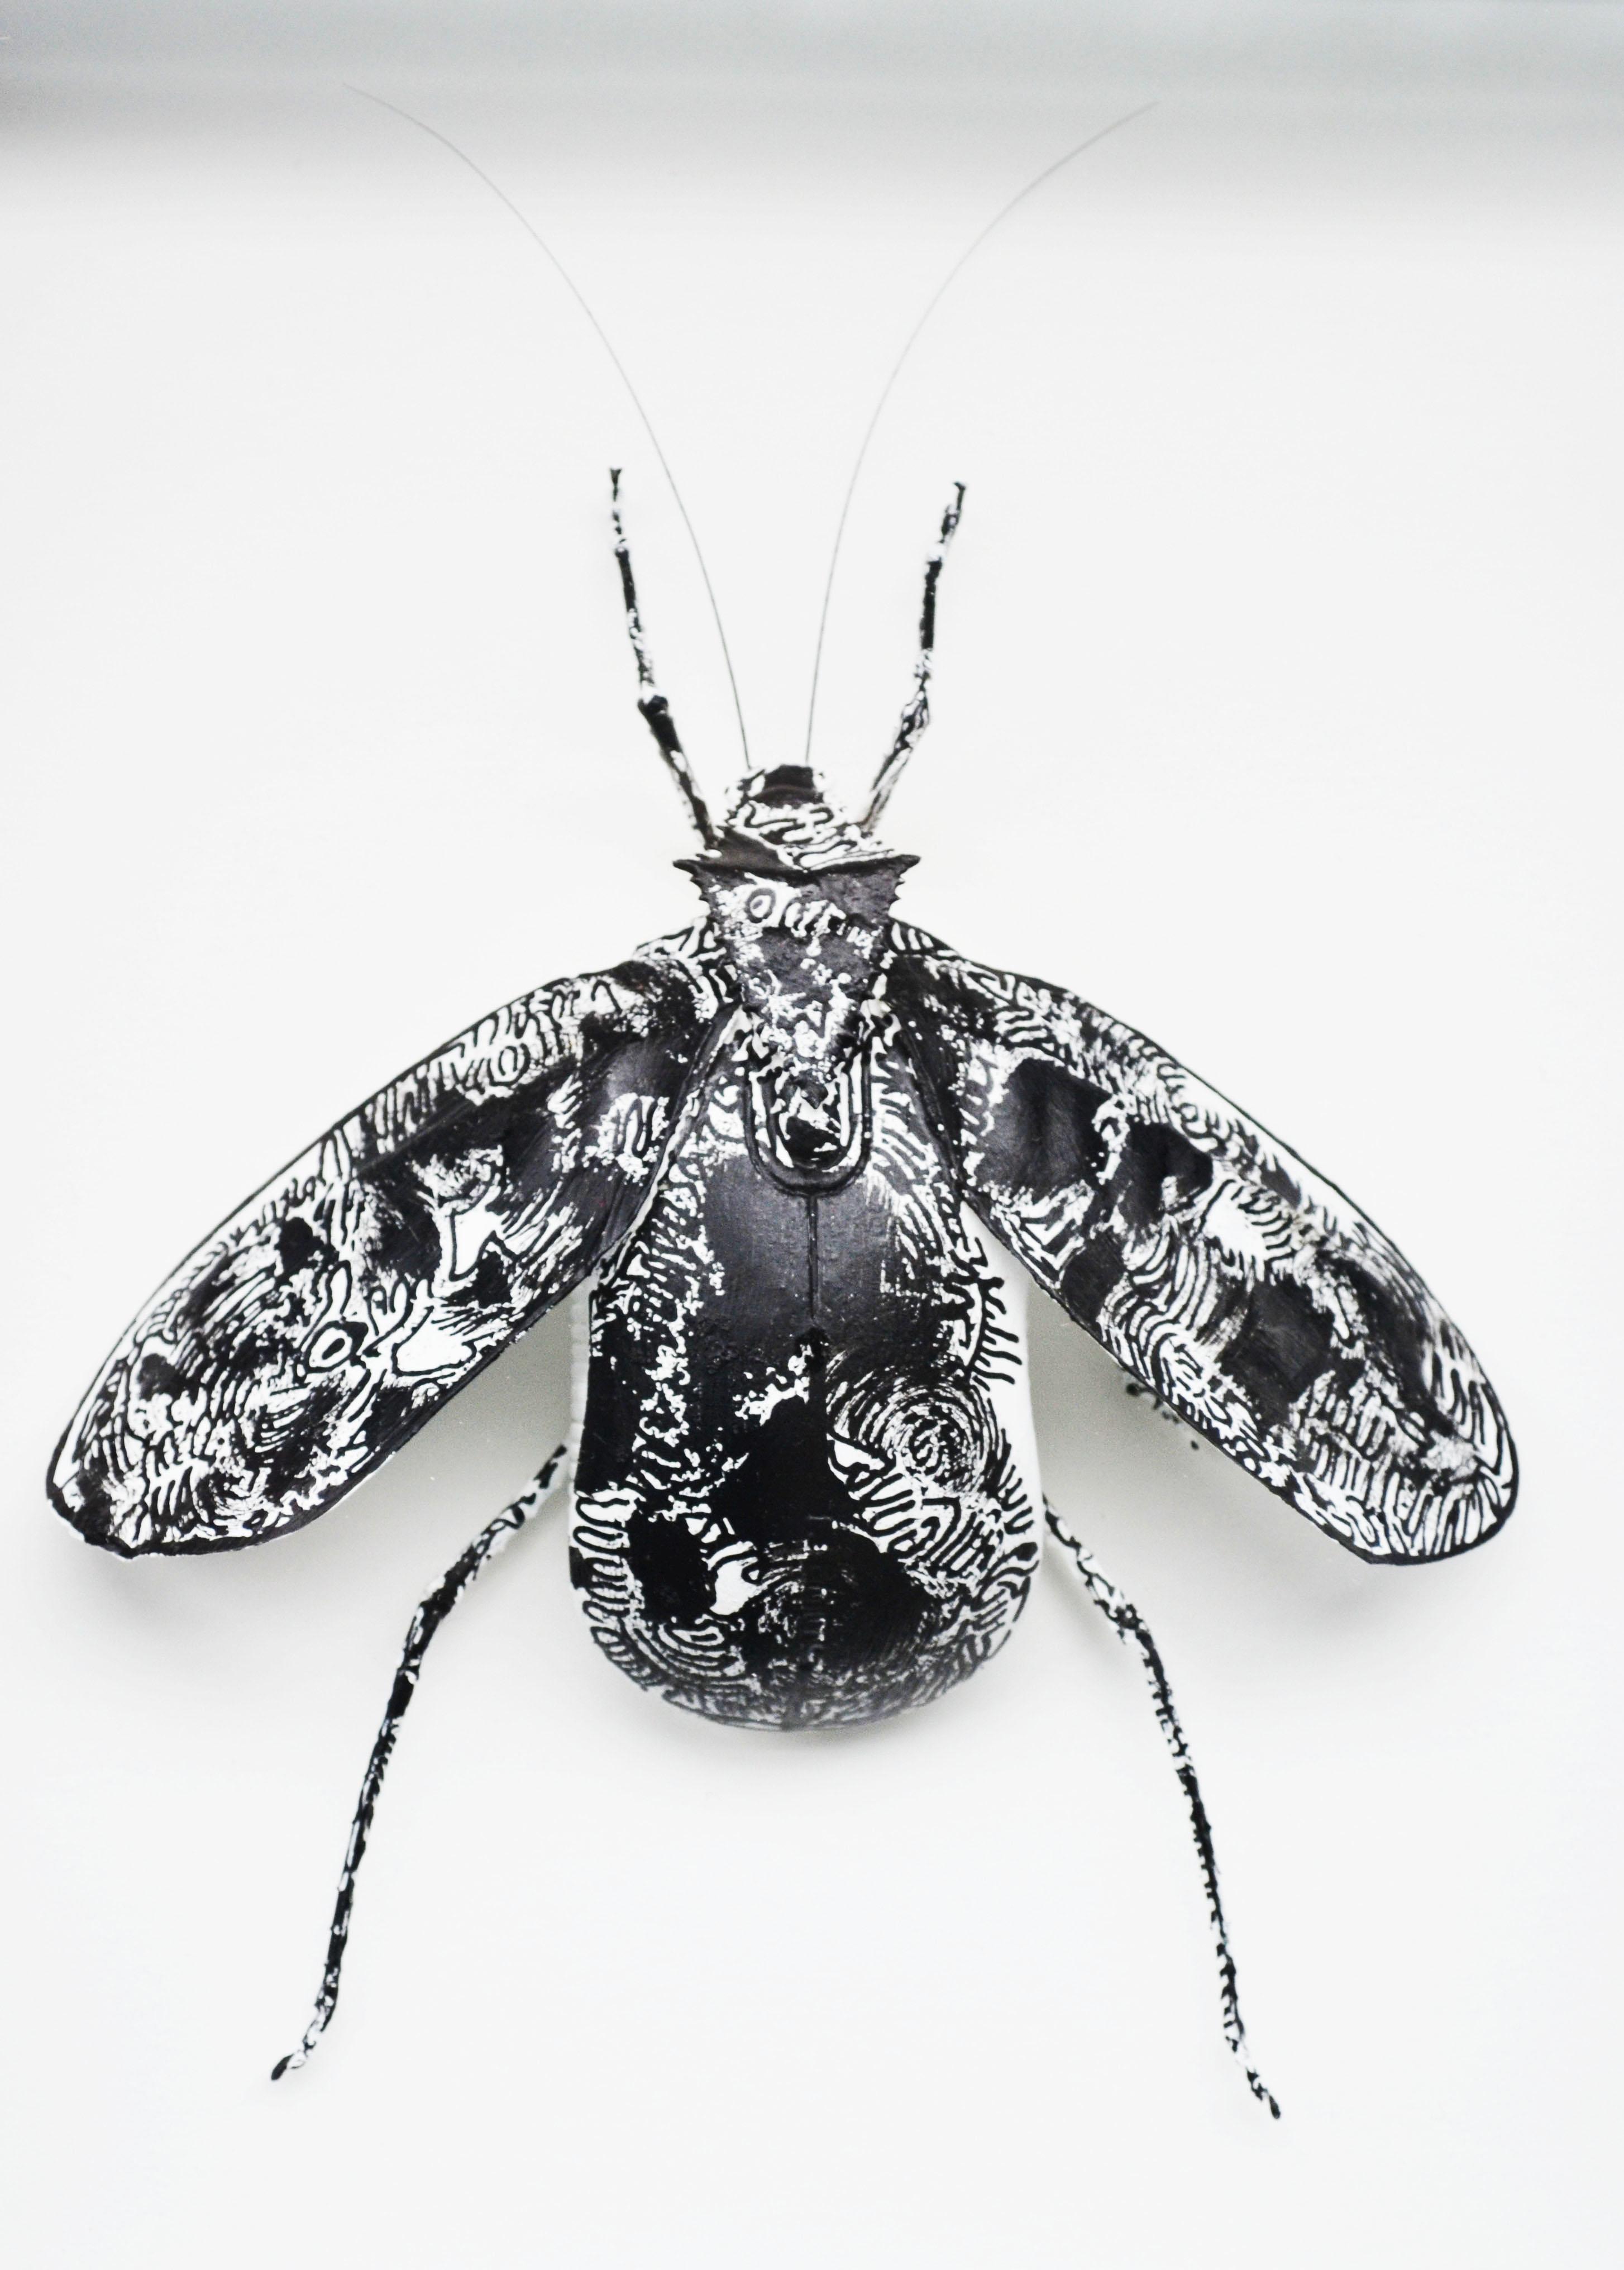 Mouse Bug 5/6 Gen I (UNIQUE PIECE)